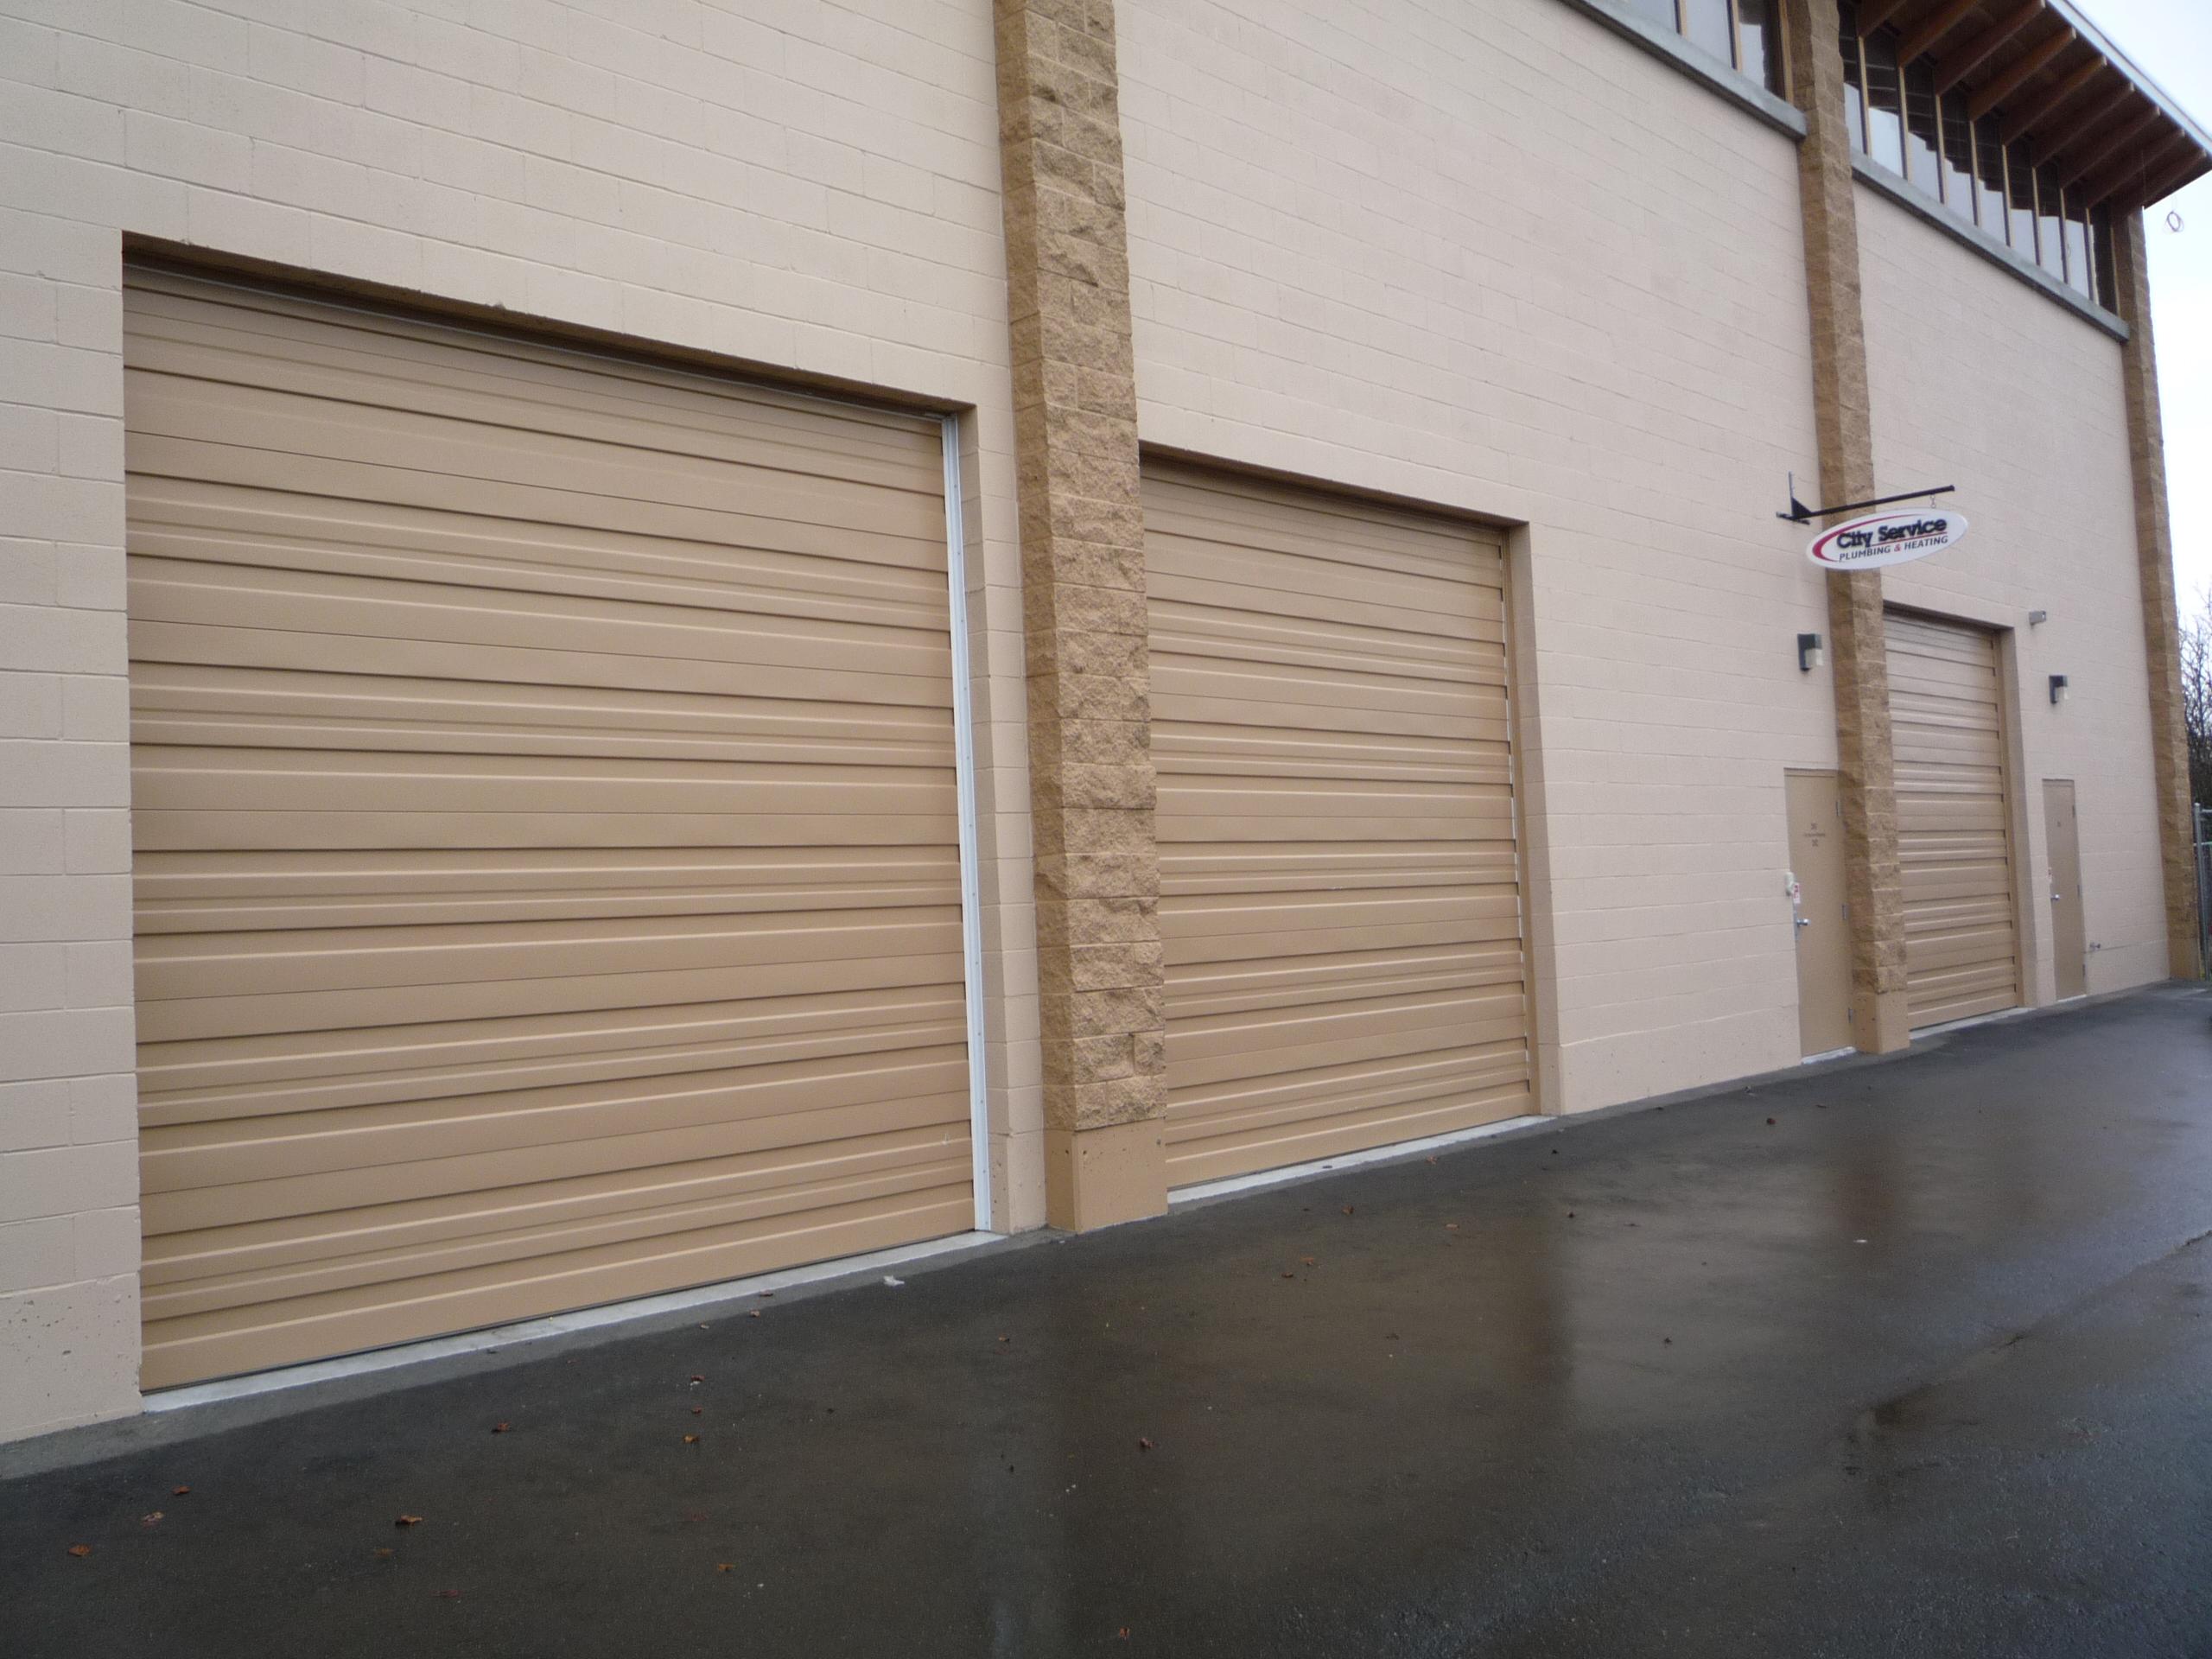 aluminum tubelite aroyan distributor door commercial final iiii steel inc storefronts doors